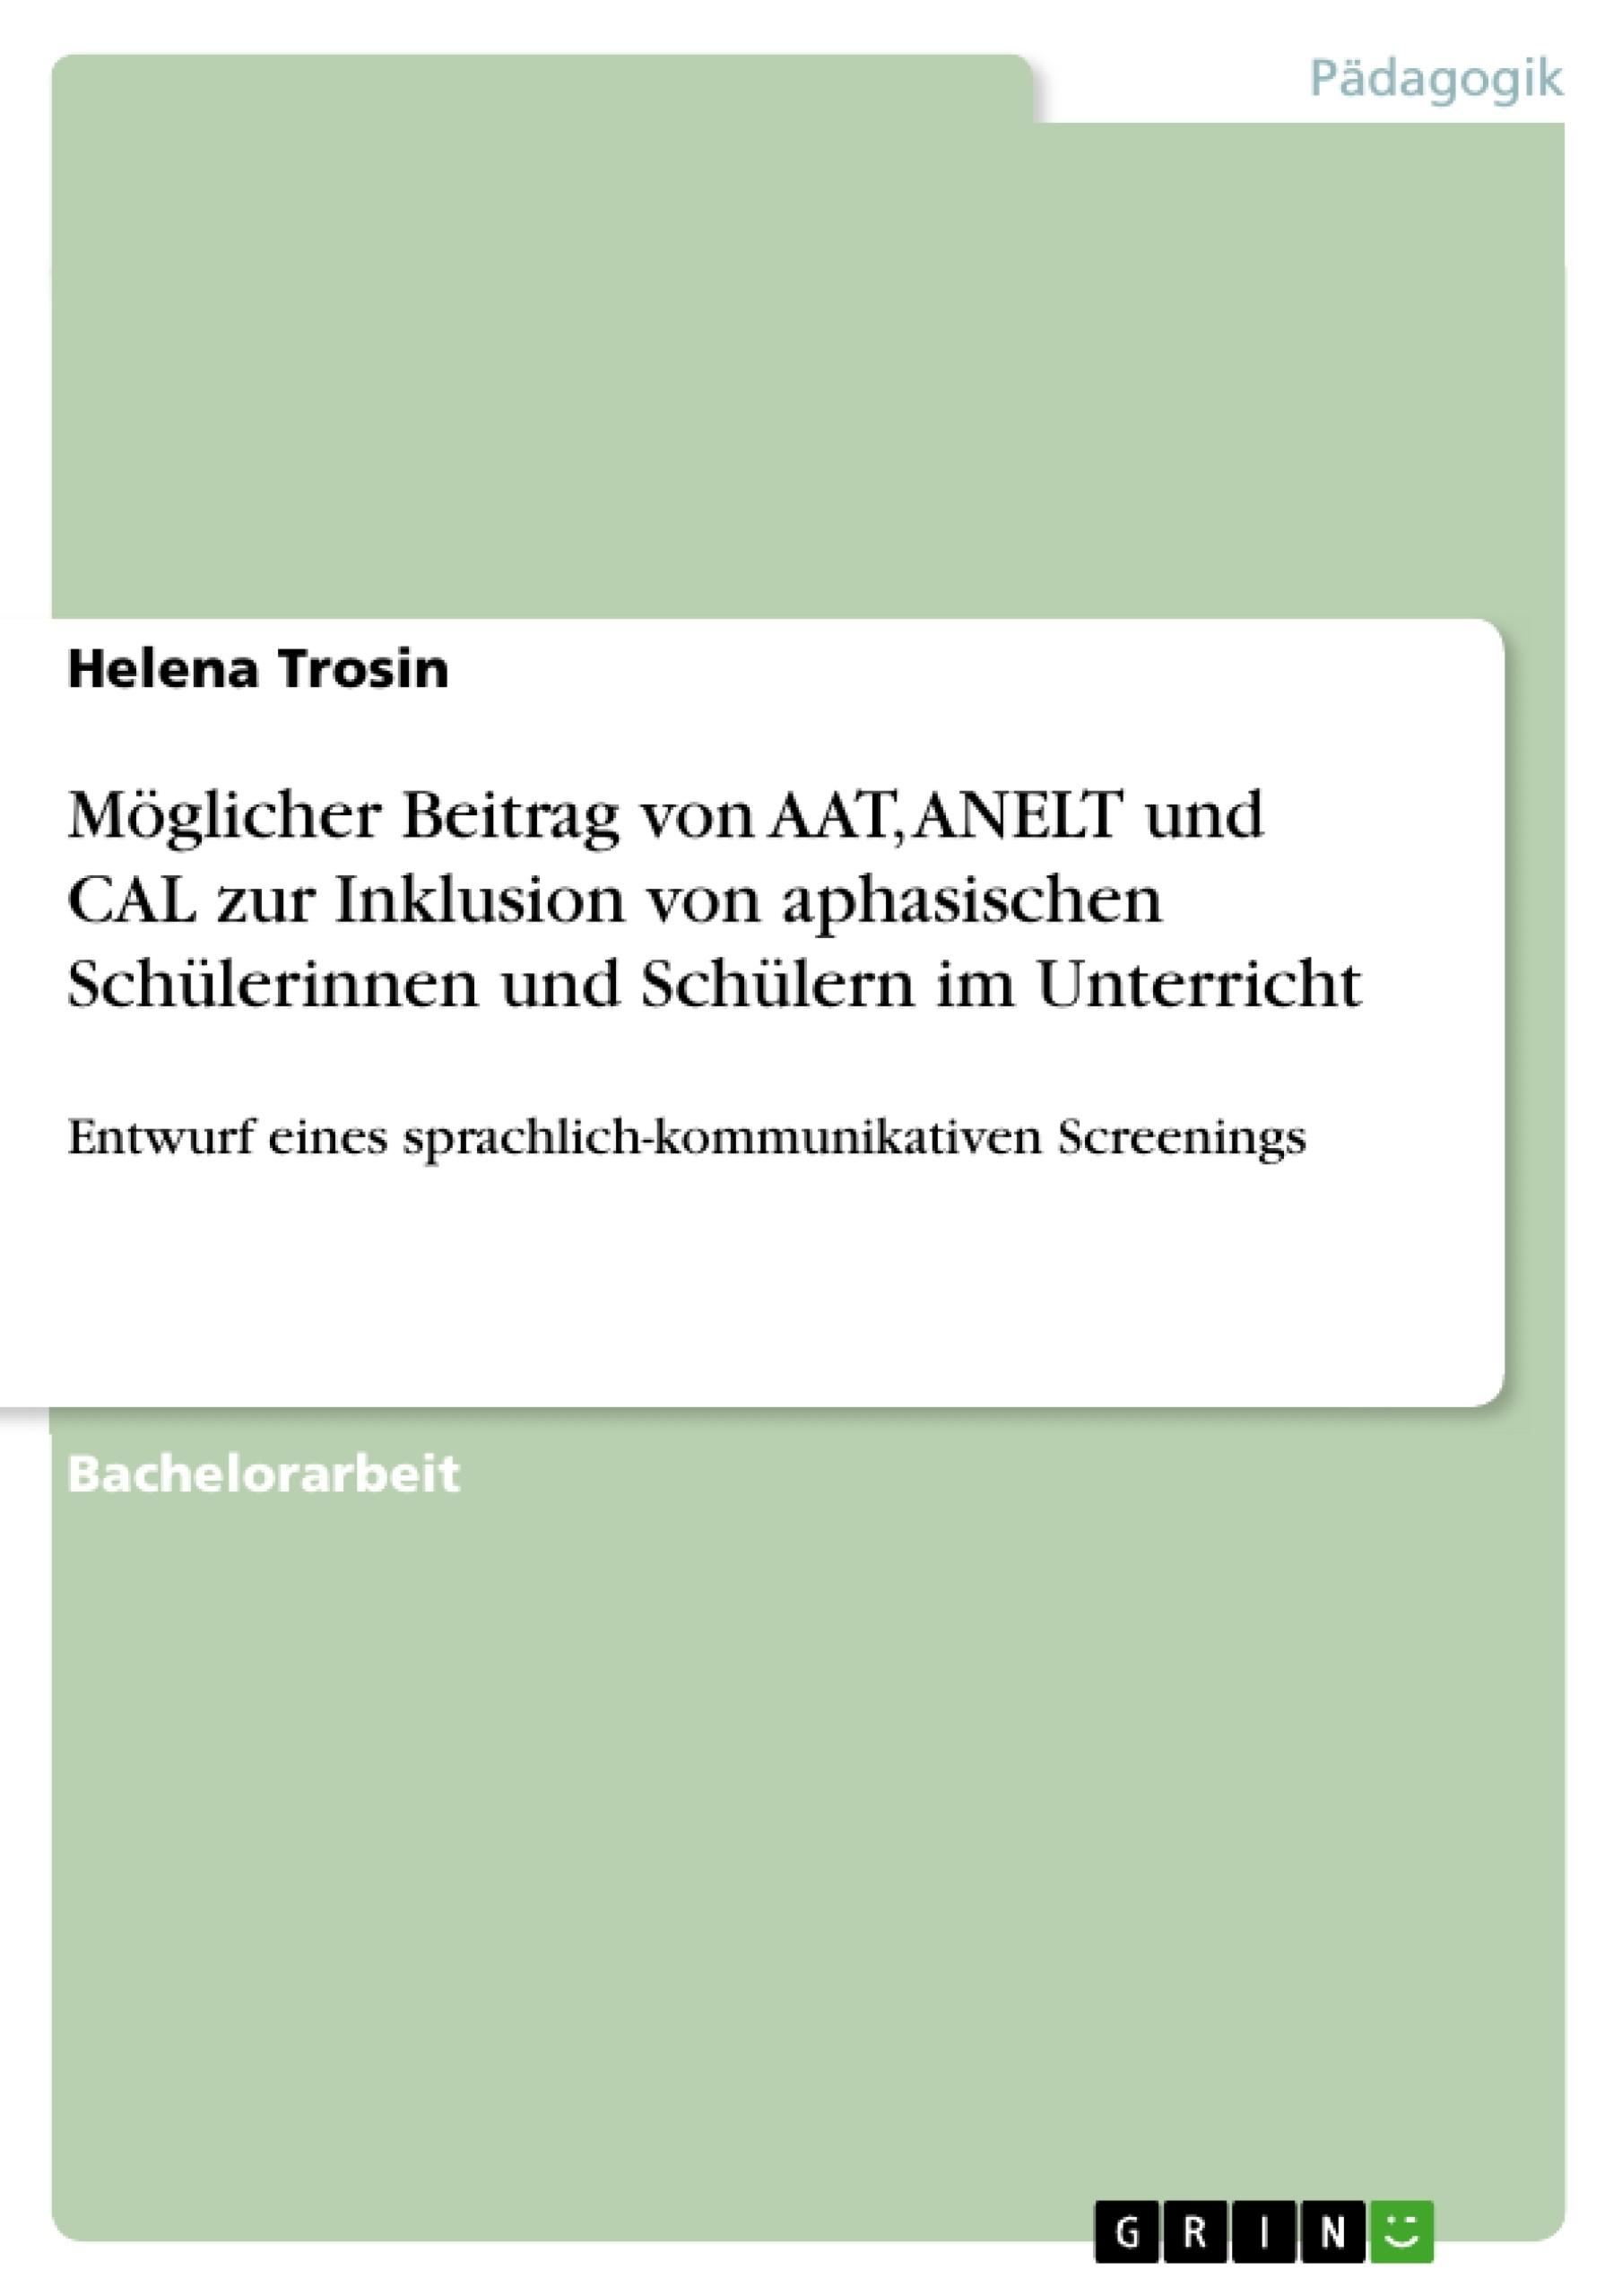 Titel: Möglicher Beitrag von AAT, ANELT und CAL zur Inklusion von aphasischen Schülerinnen und Schülern im Unterricht